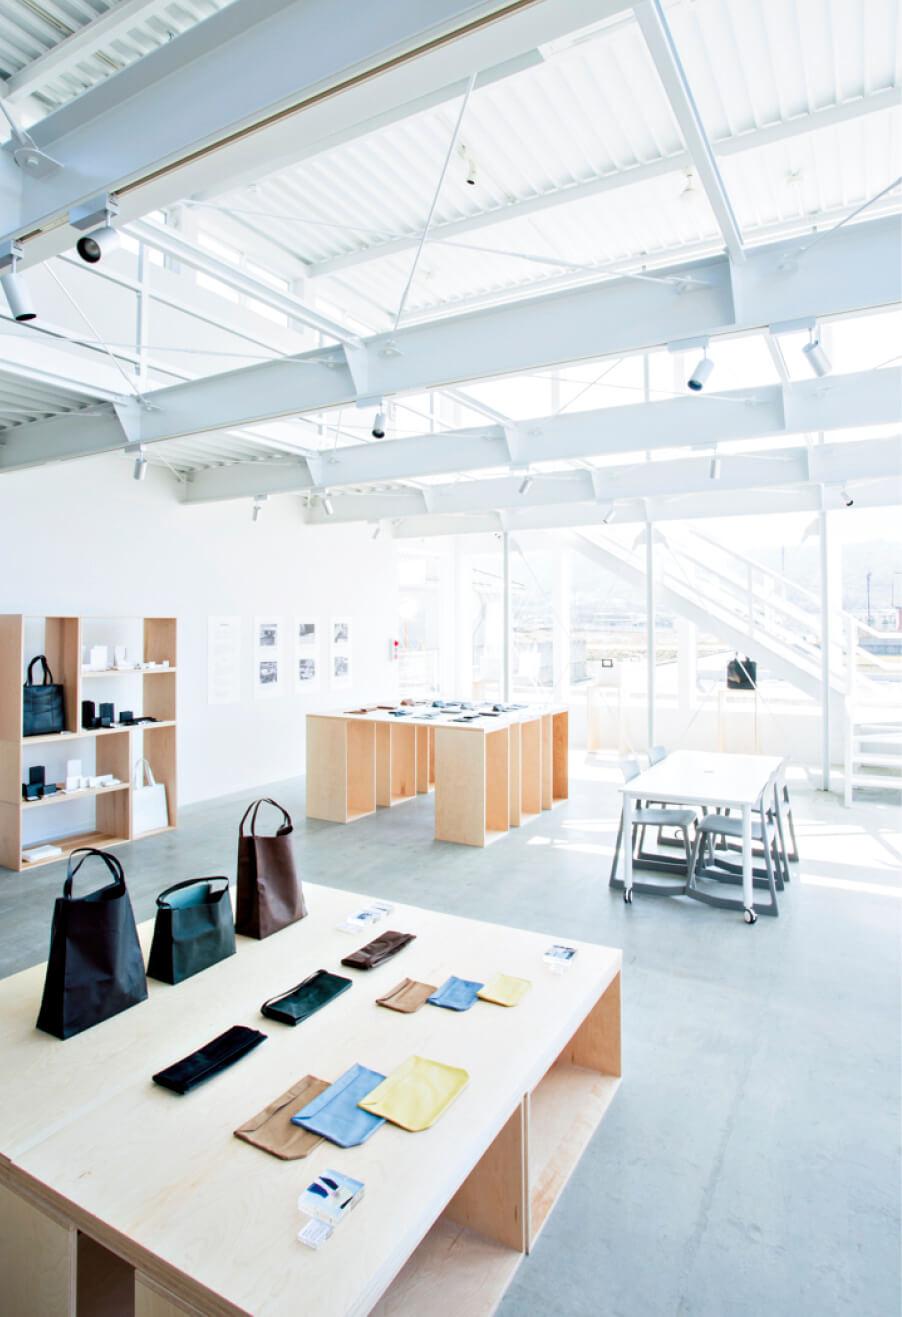 東かがわ市の革製品メーカー・ルボアの工場兼デザインショップ。お客とつくり手の互いの顔が見えるところが最大のメリット